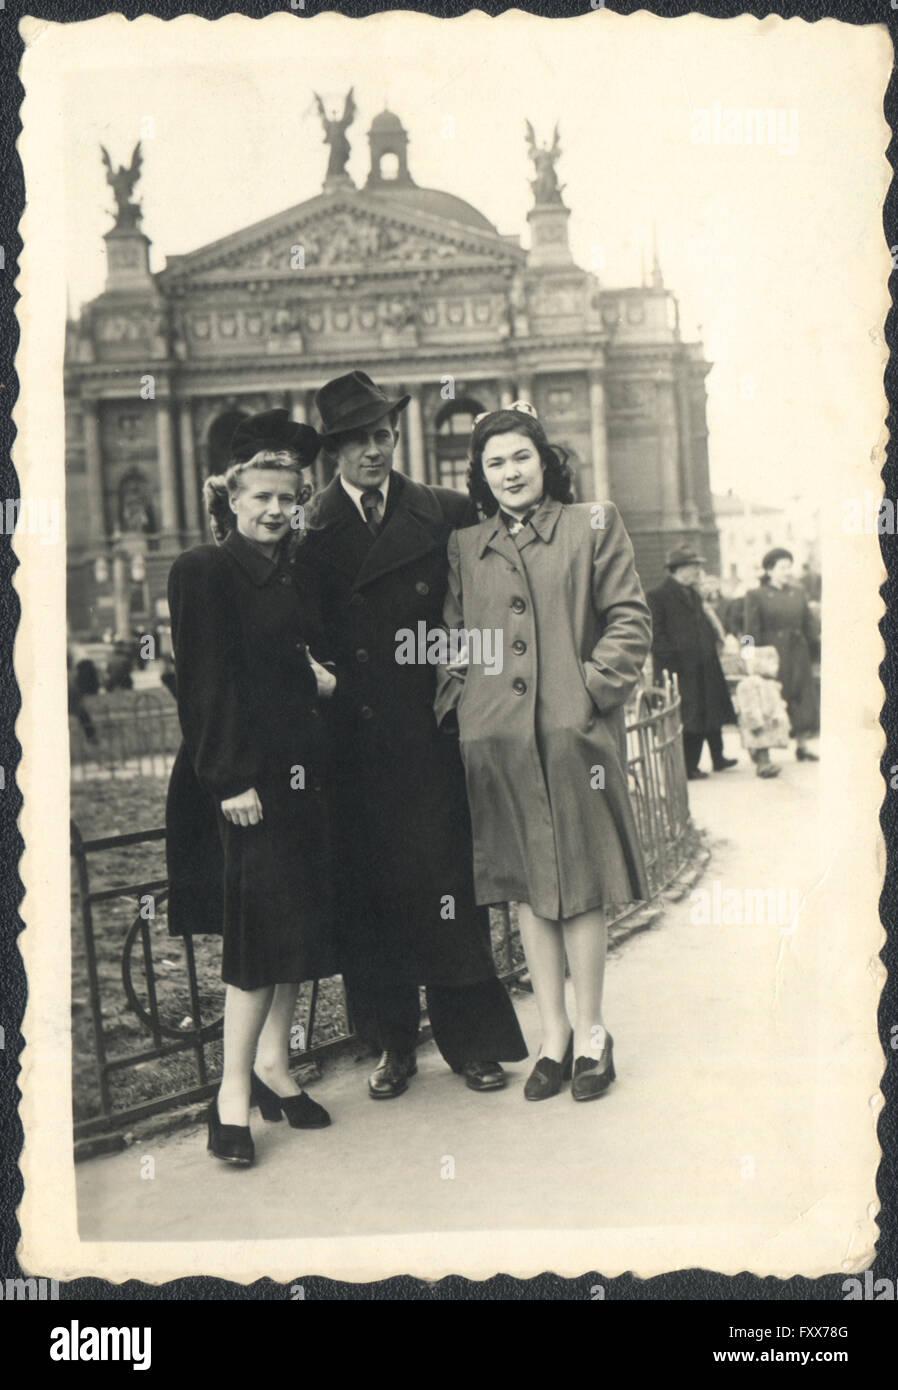 Ein Mann und zwei junge Frauen auf einem Hintergrund von dem Theater für Oper und Ballett, Lemberg, UdSSR. Stockbild